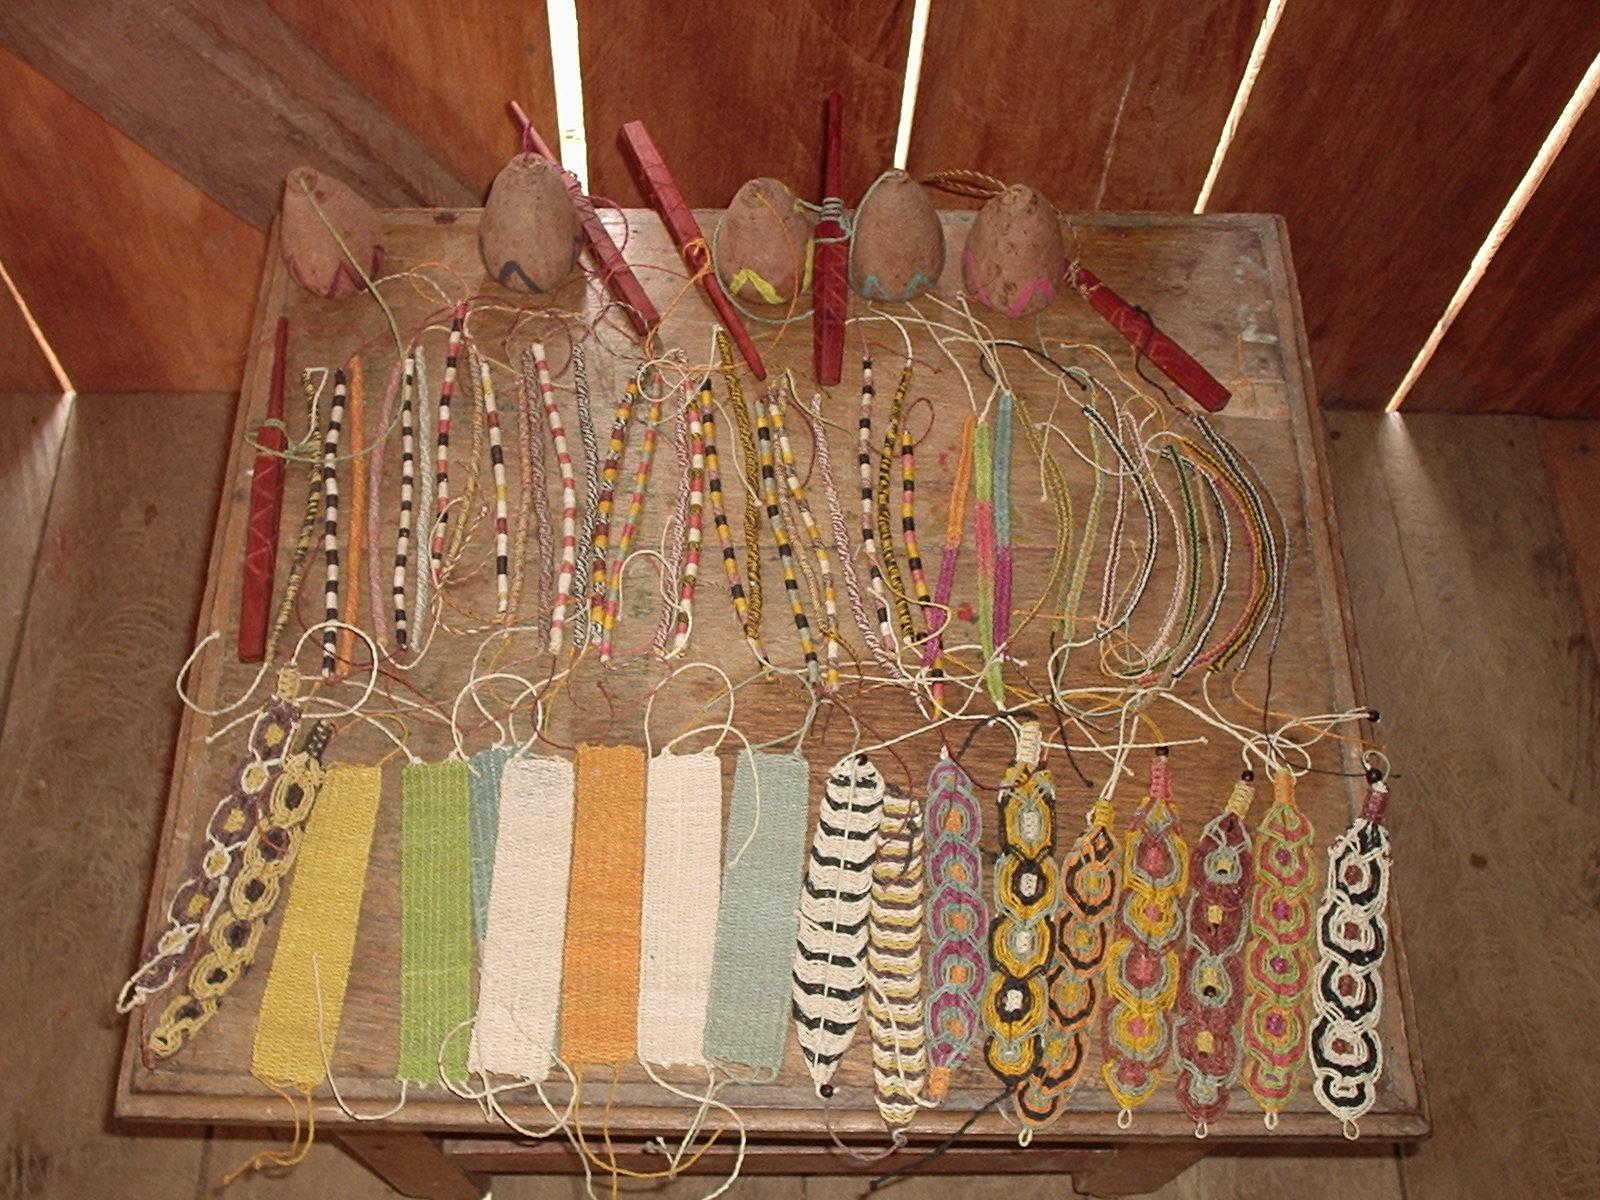 Chambira bracelets